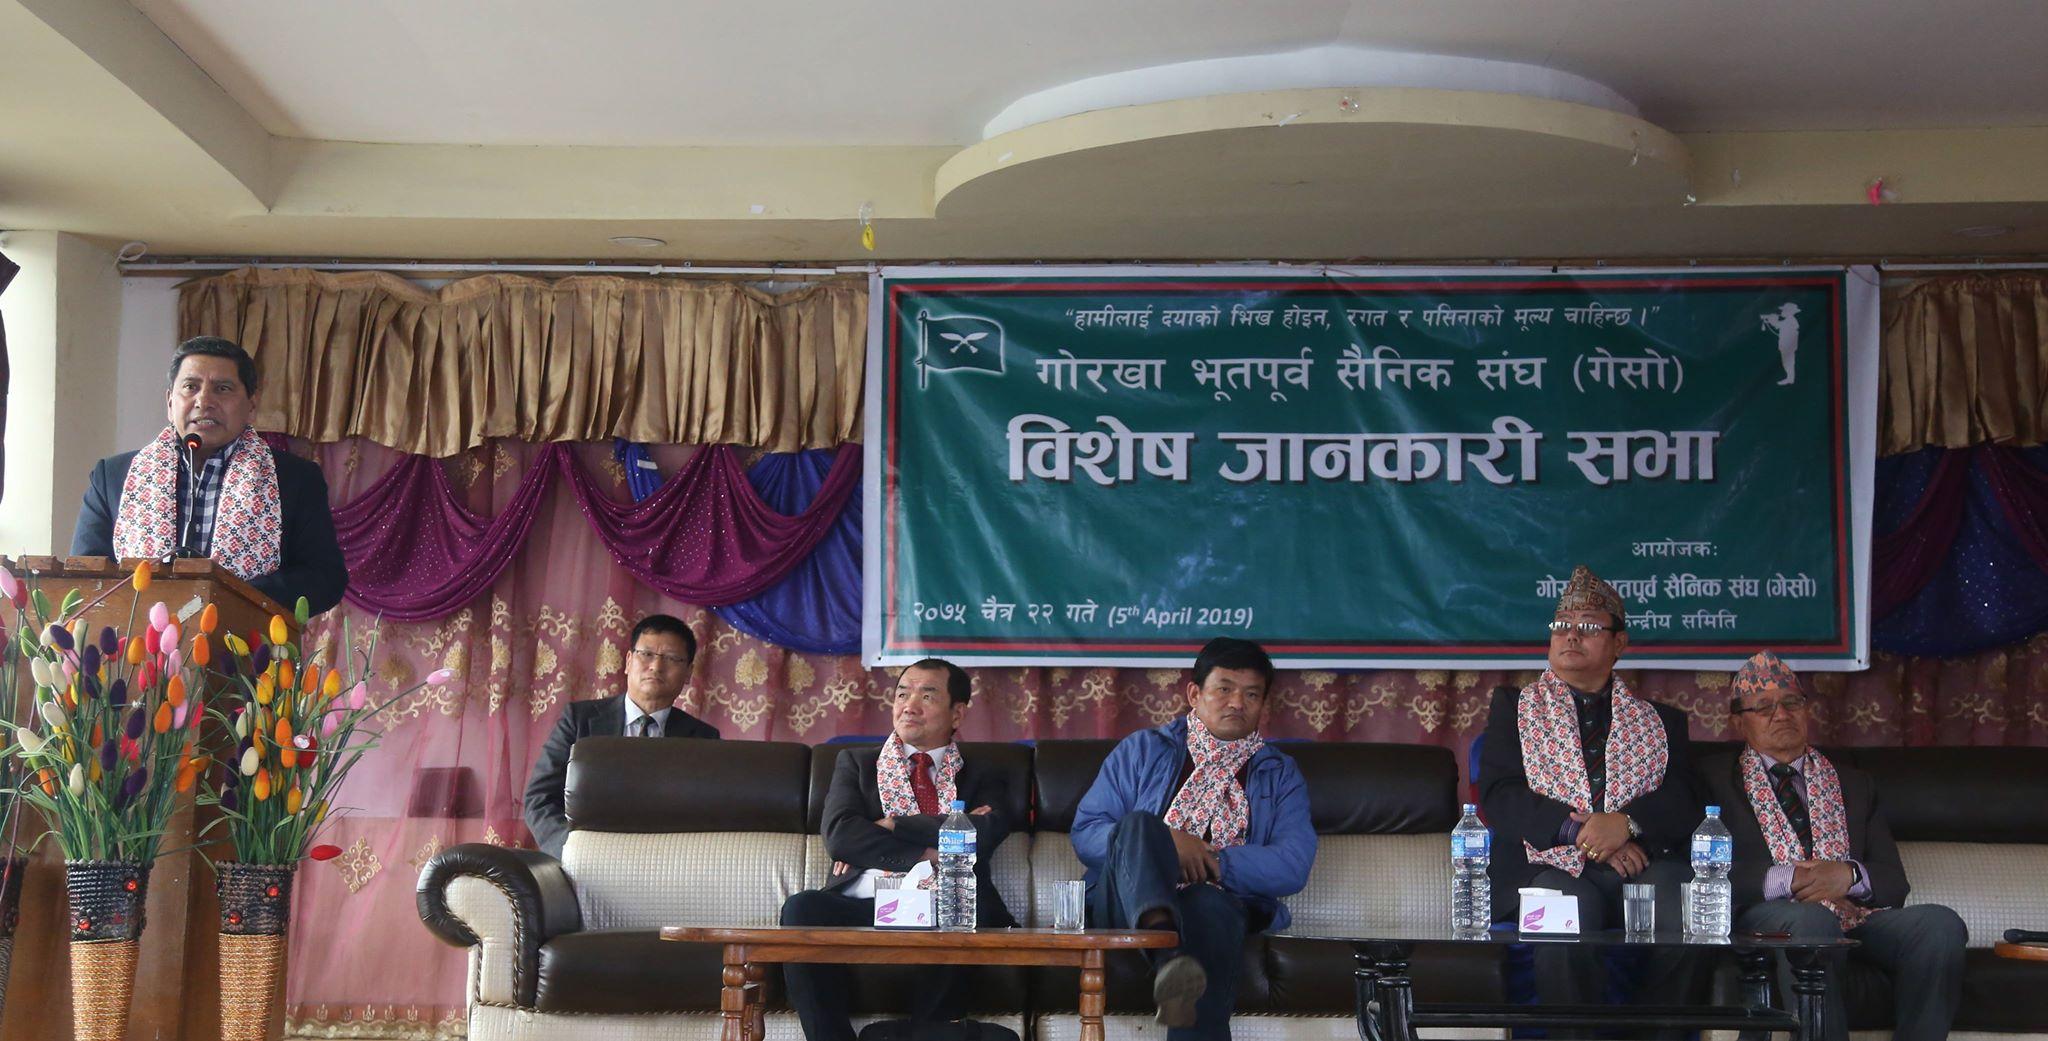 गोर्खा भर्तीकाे बिषयमा बेलायत र नेपाल सरकारबीच द्धिपक्षीय सम्झौता हुनुपर्ने नेता श्रेष्ठकाे भनाइ